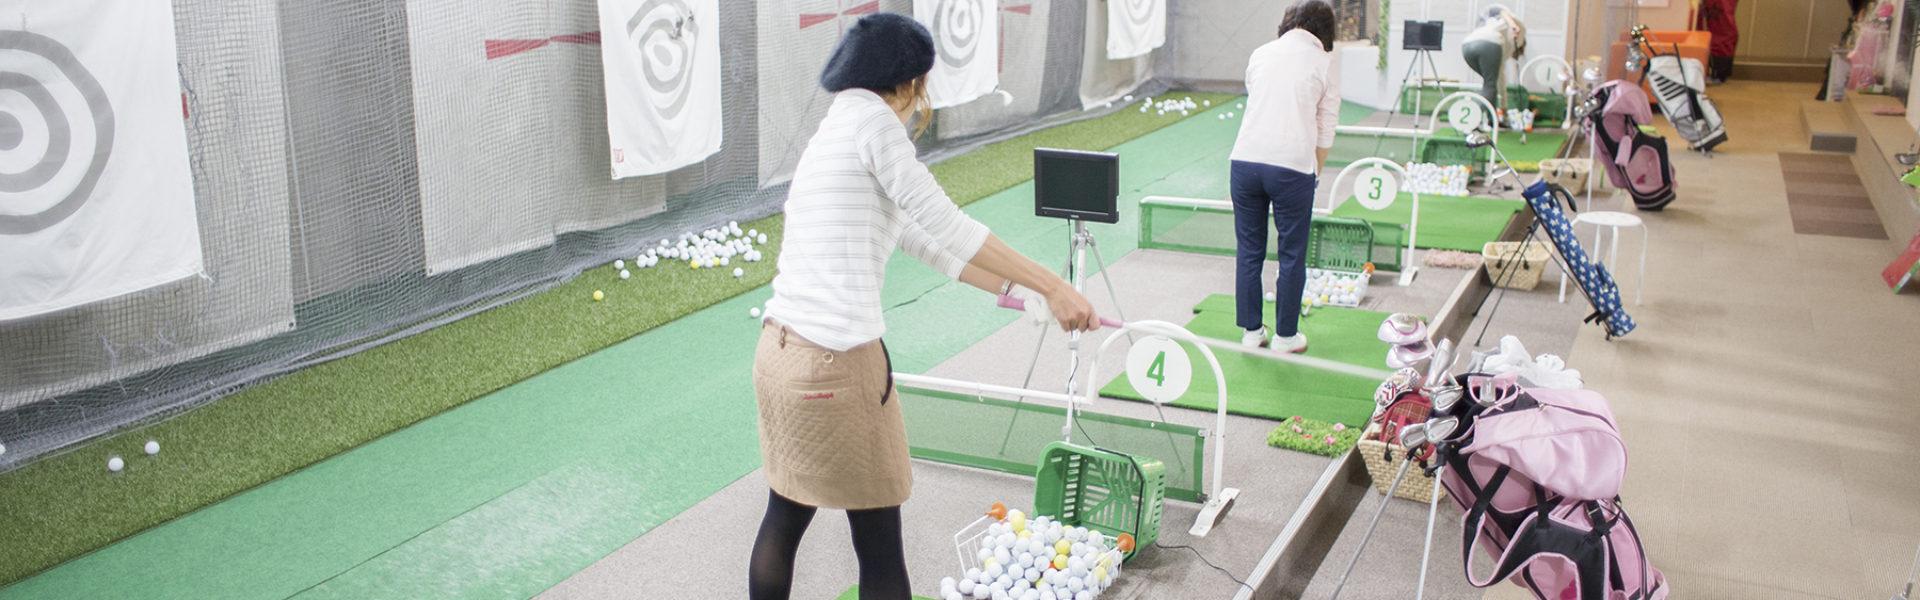 堀江でGOLFレッスン!